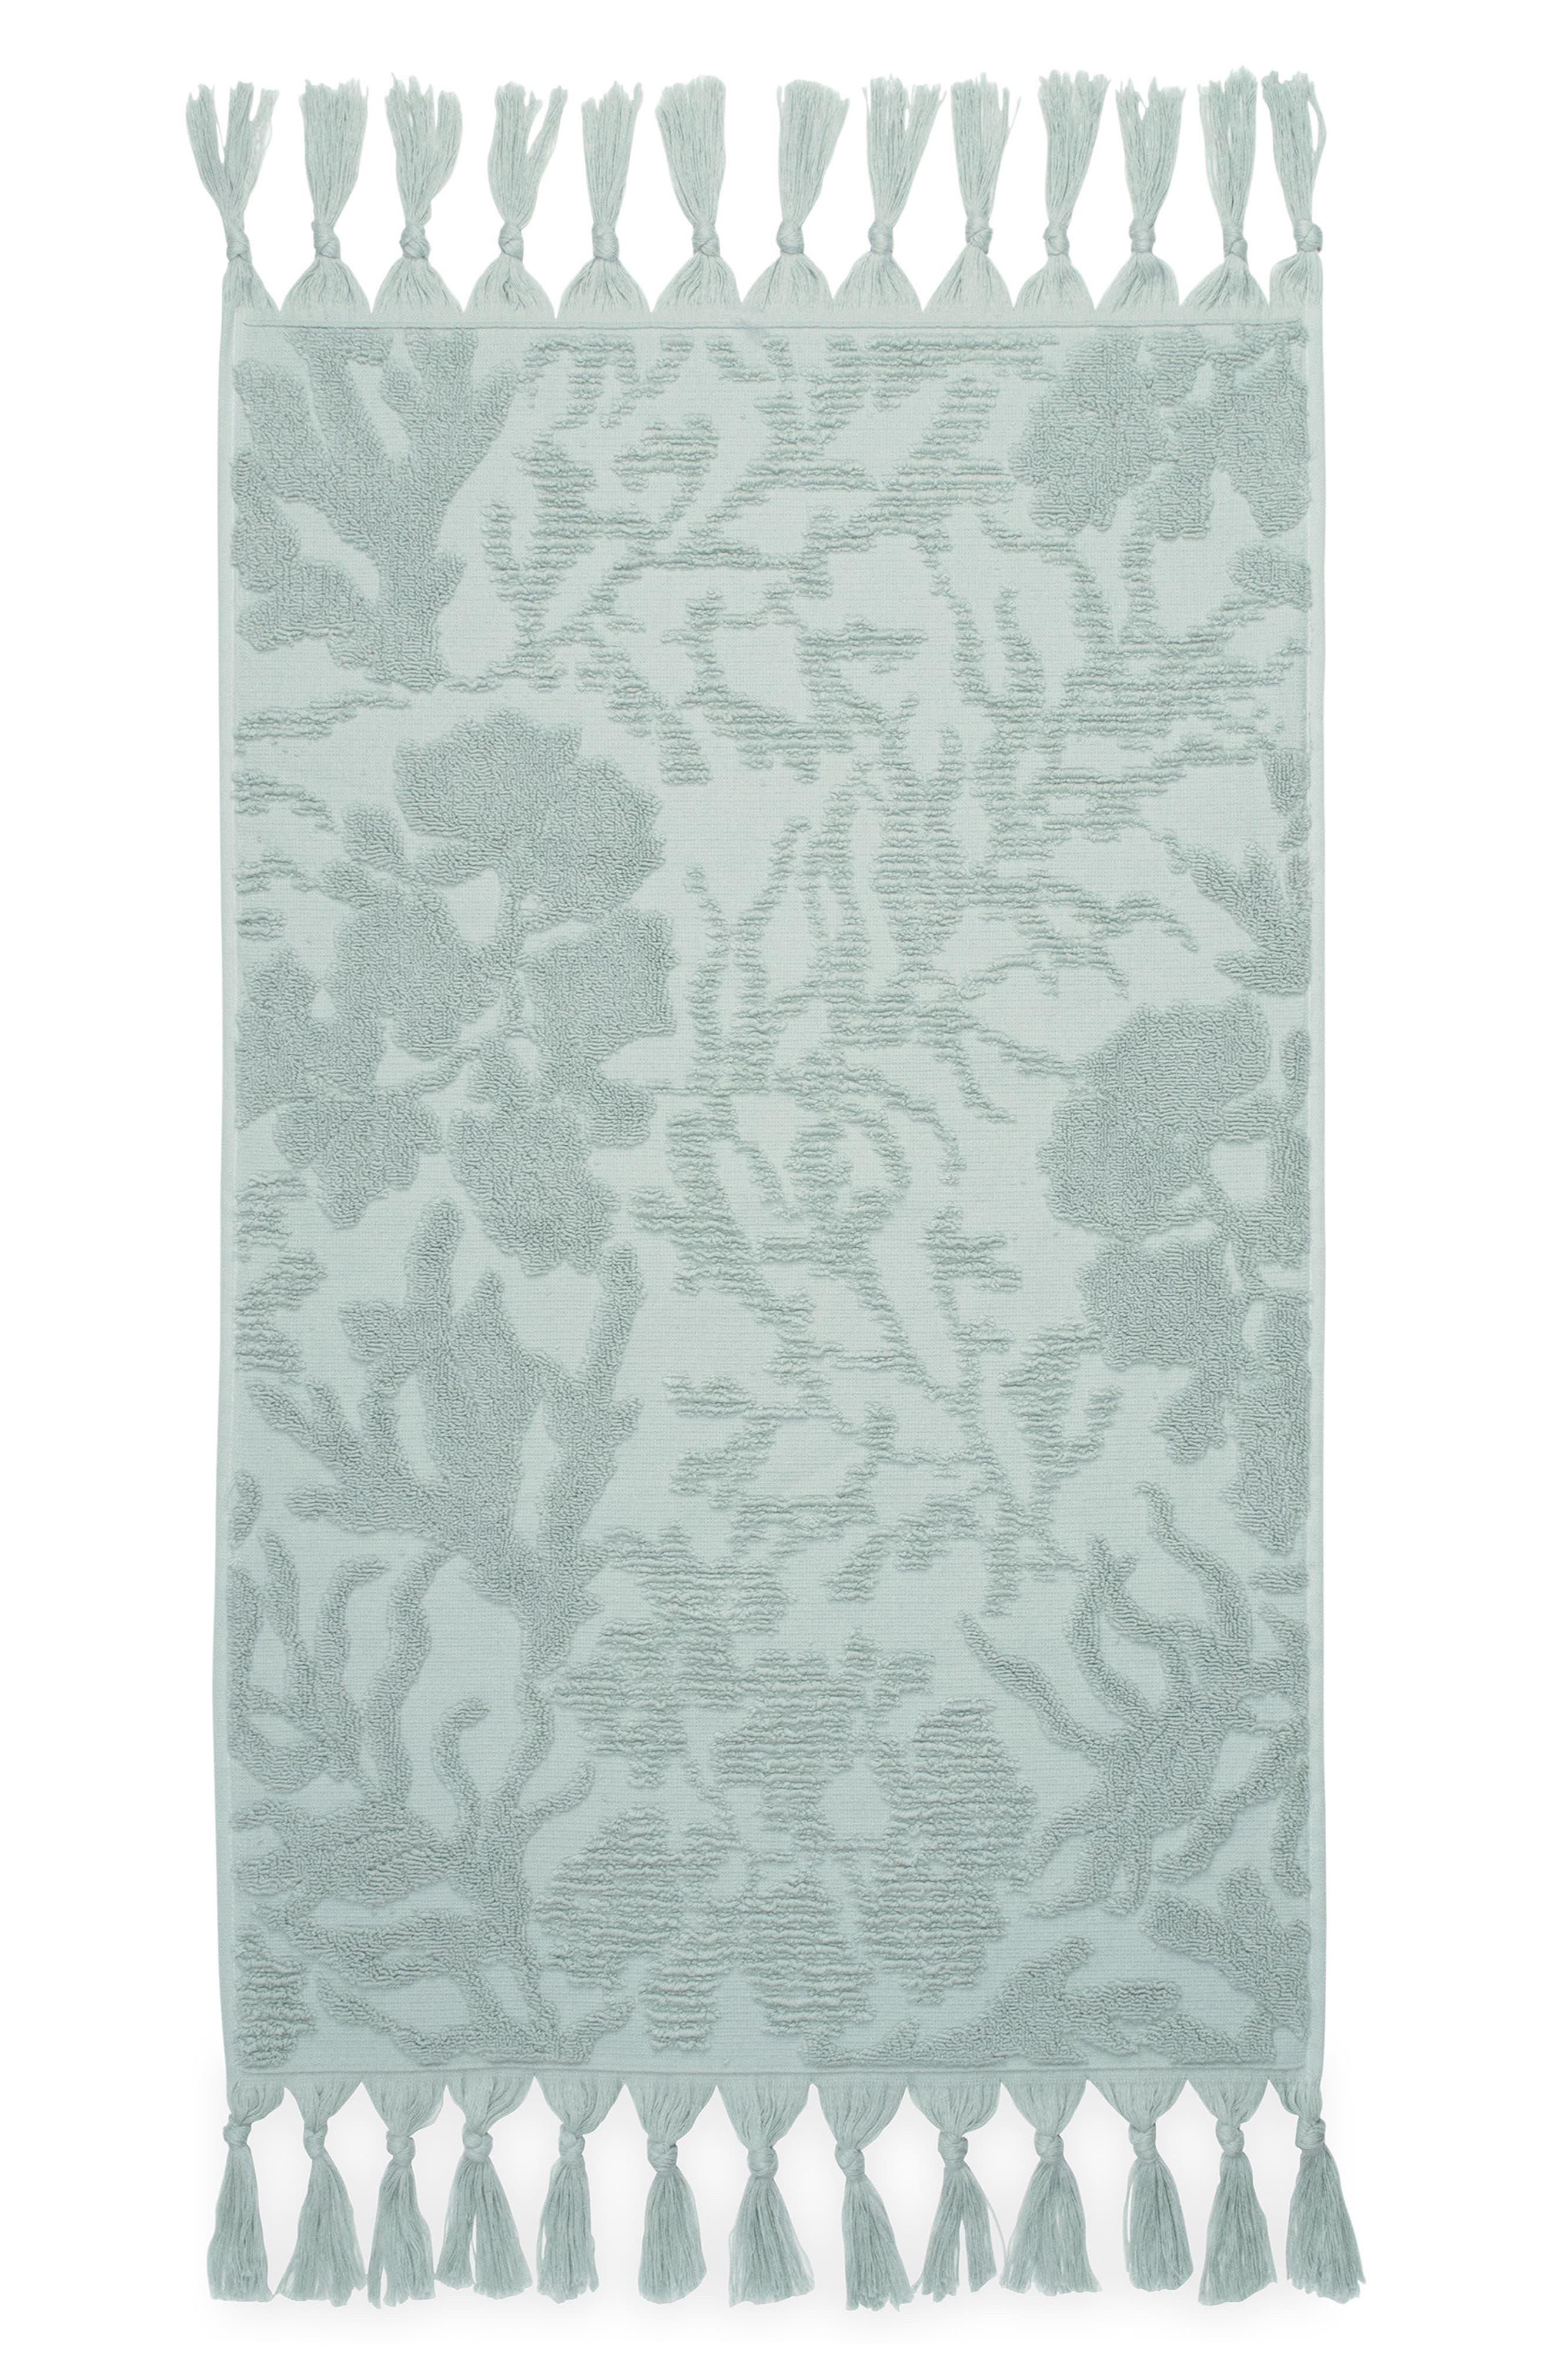 MICHAEL ARAM,                             Ocean Reef Hand Towel,                             Main thumbnail 1, color,                             SEAFOAM